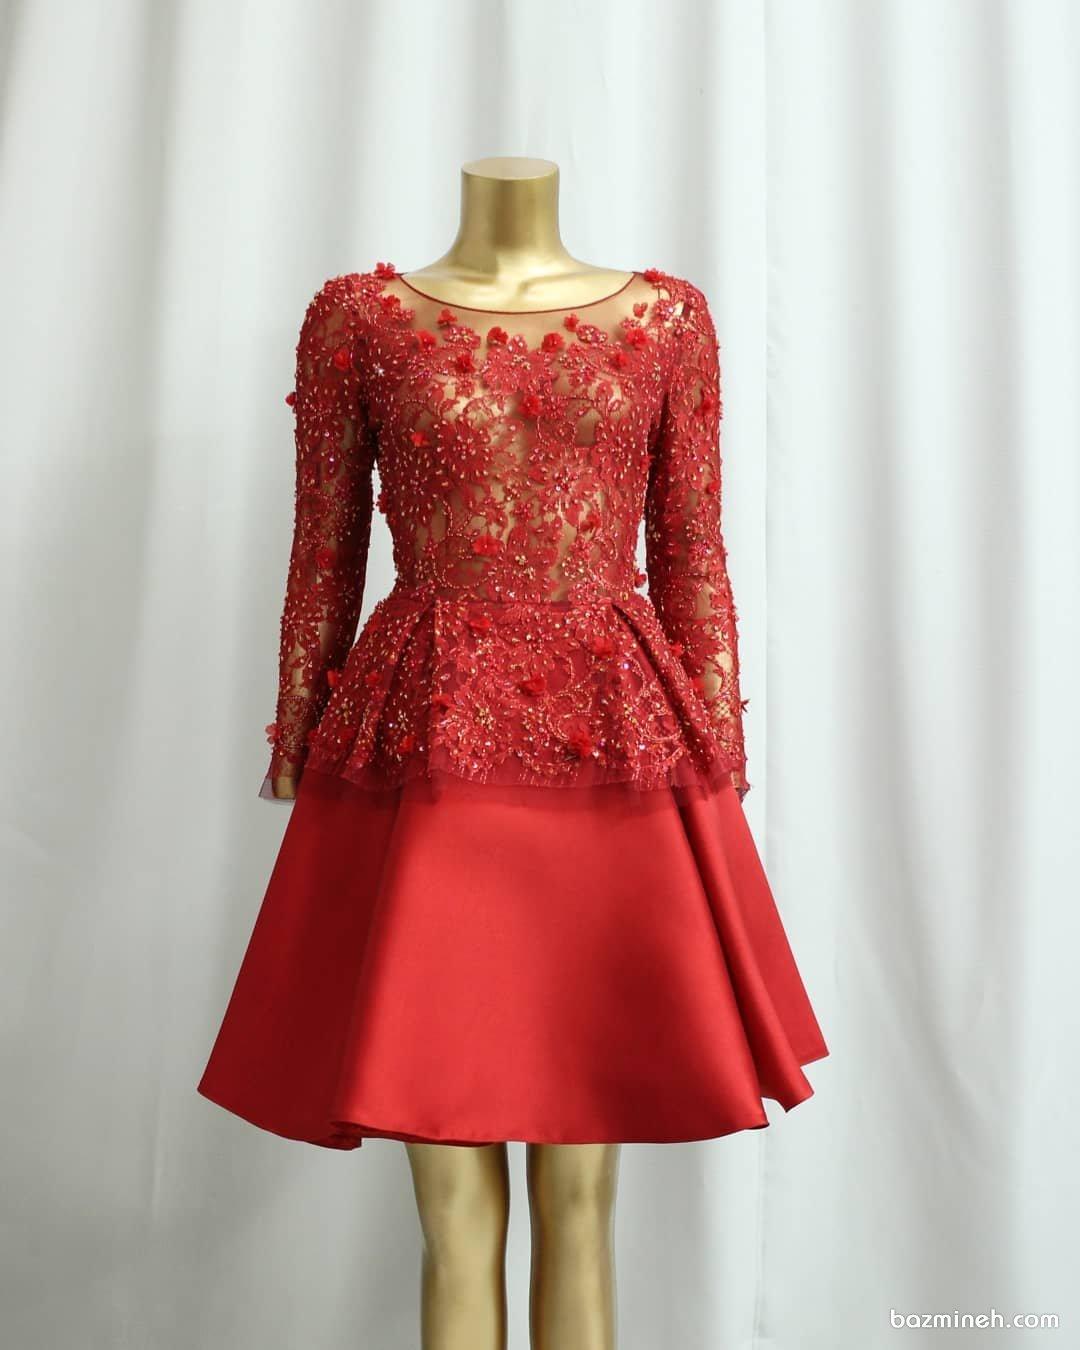 بلوز دامن مجلسی شیک با پارچه ترکیبی گیپور سنگدوزی شده و ساتن مات قرمز رنگ مدلی زیبا برای ساقدوشهای عروس